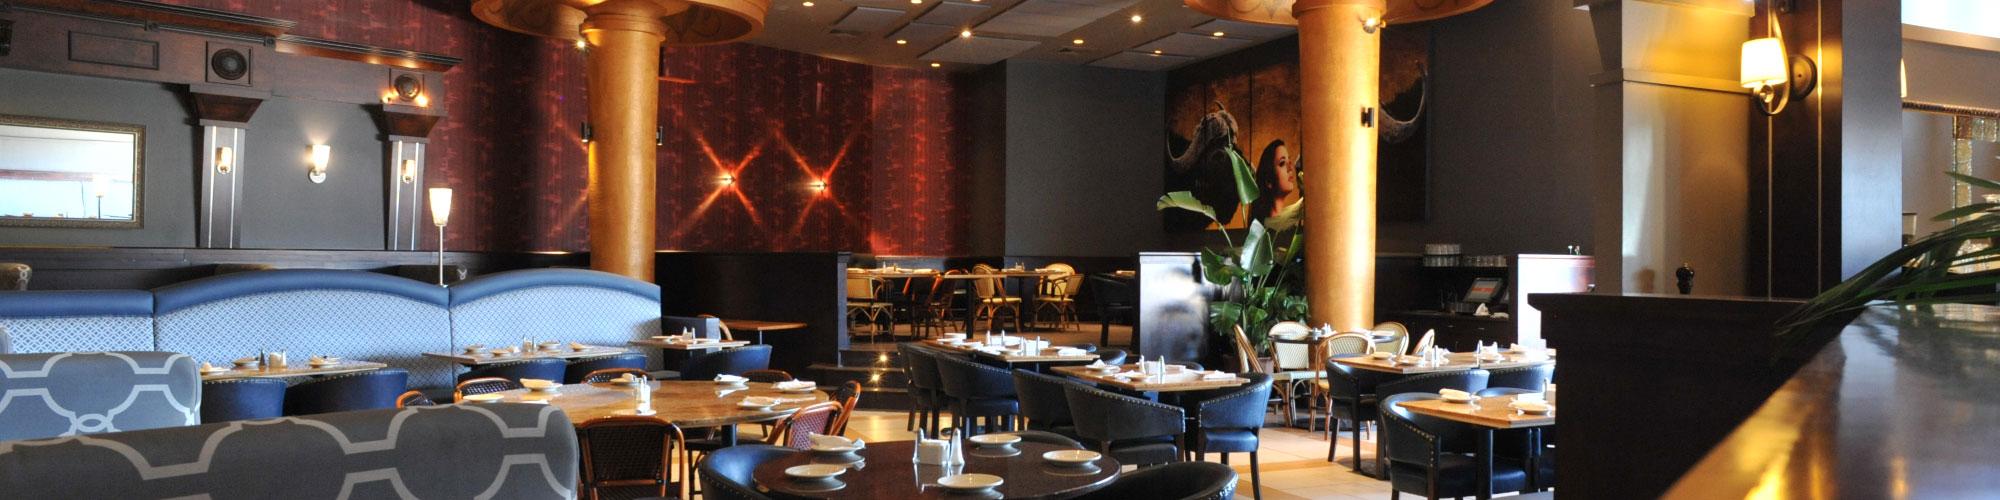 DDO restaurant dining